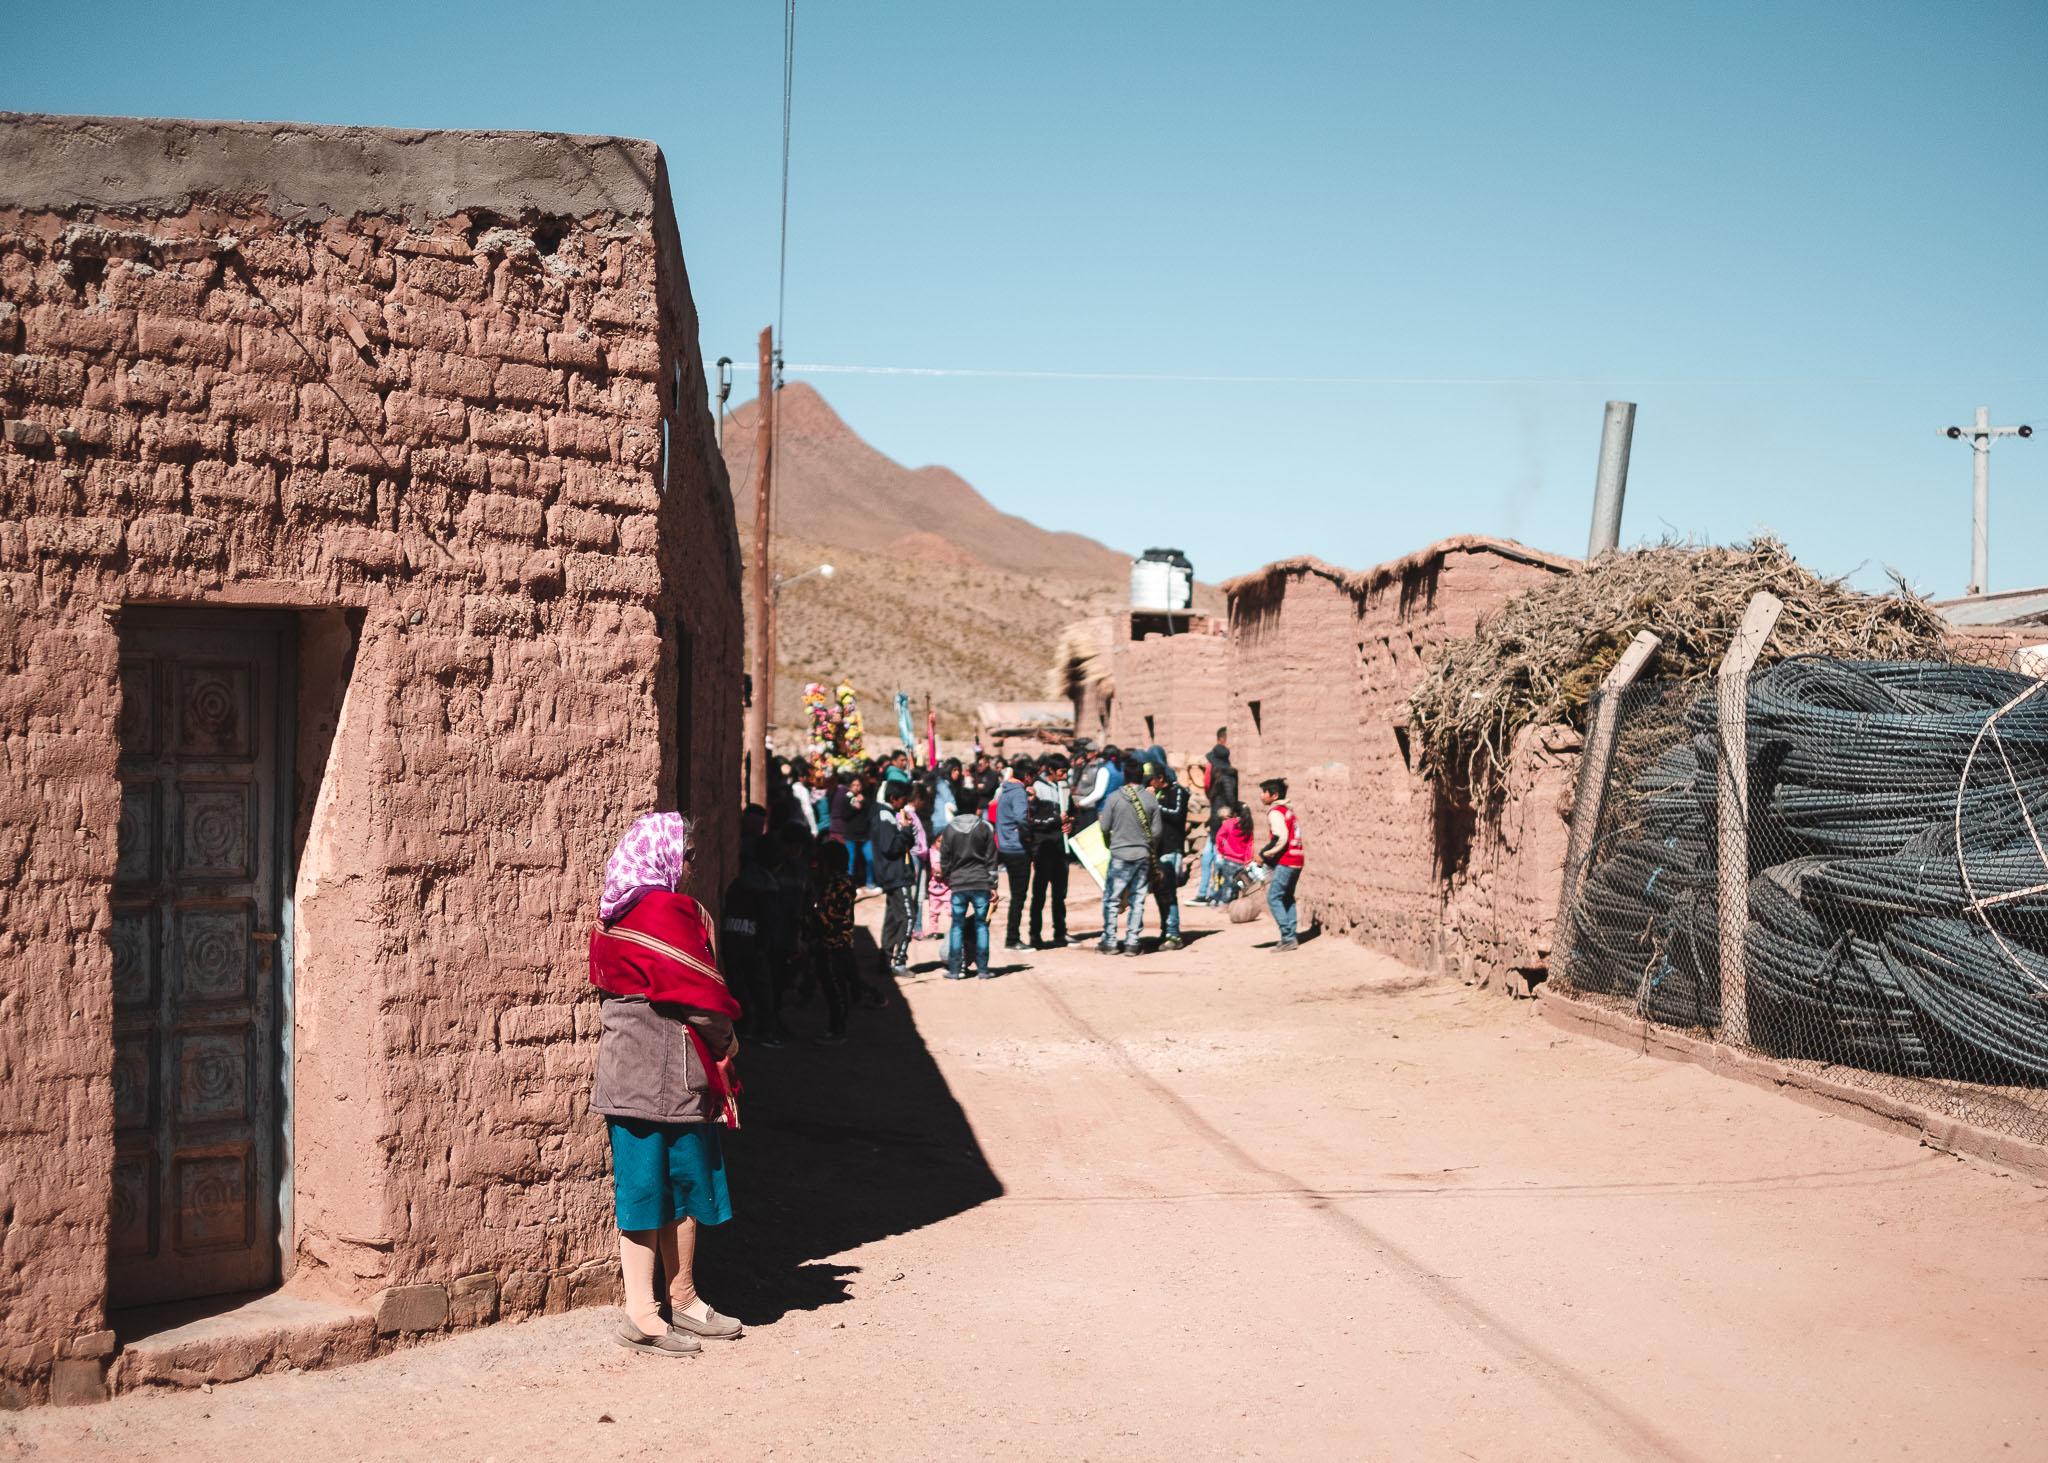 Etwas abseits beobachtet eine Frau den Umzug durch den Ort Huáncar.